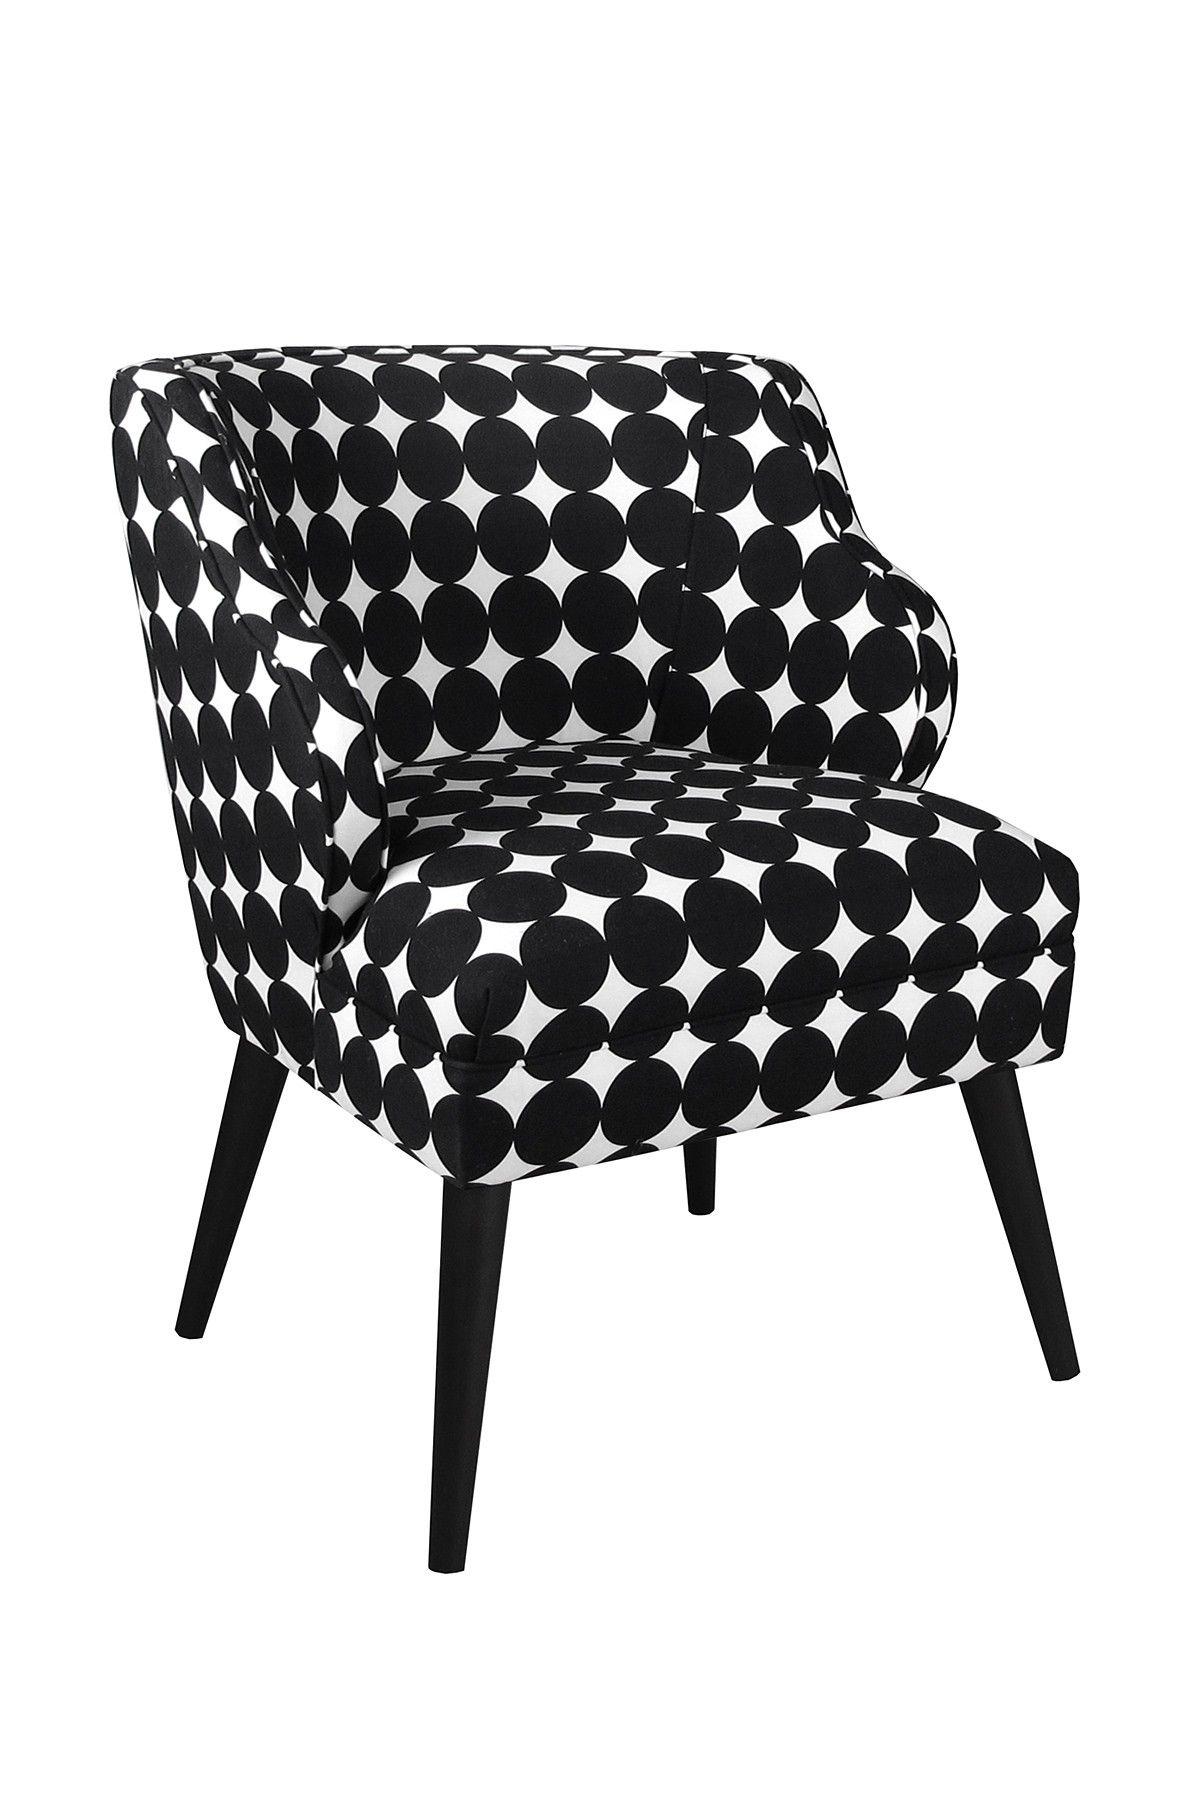 Modern Chair Furniture Design Chair Armchair Black Accent Chair